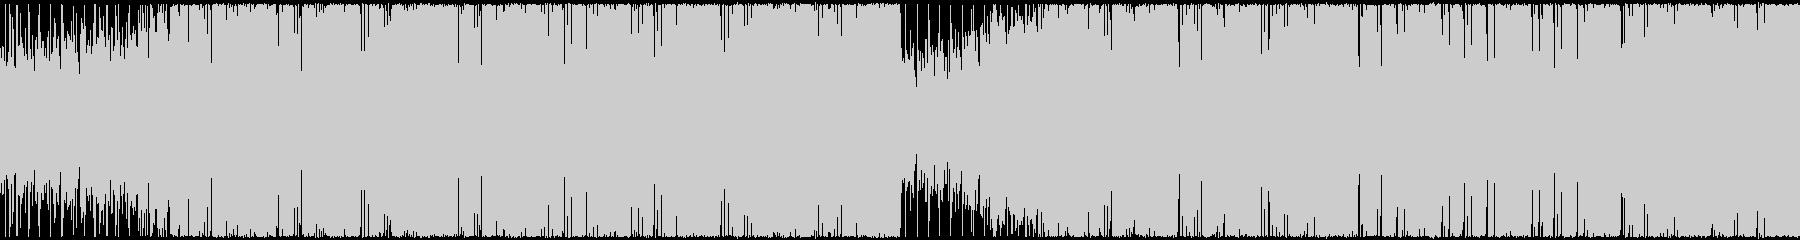 【ループ】明るいフューチャーベースの未再生の波形